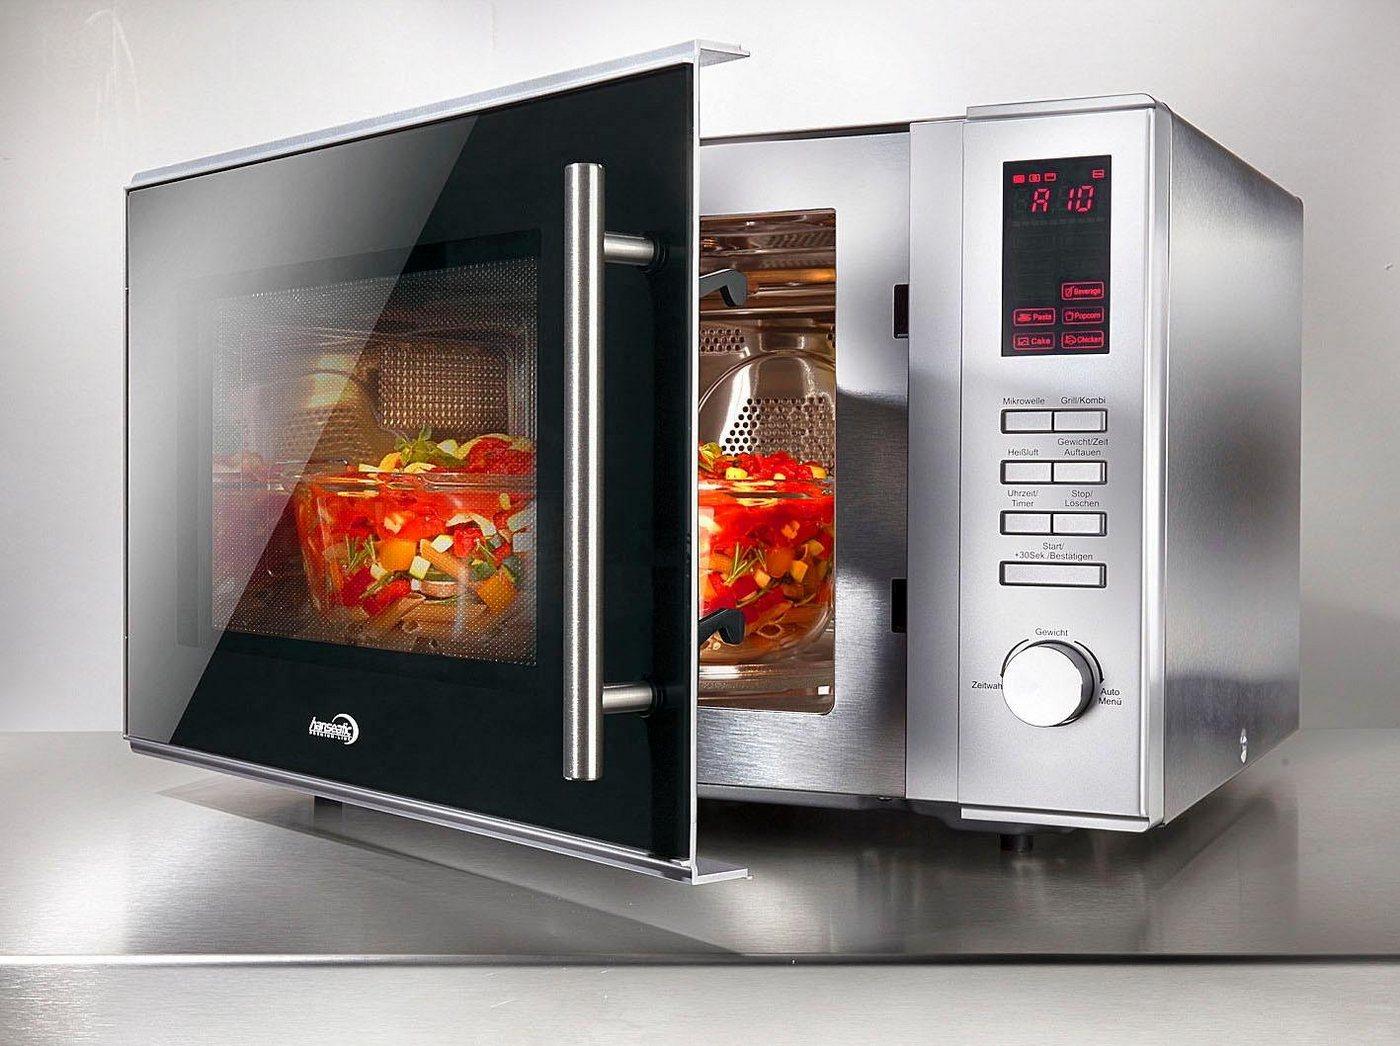 *Hanseatic Mikrowelle AC930AHZ, 900 W, mit Grill und Heißluft*